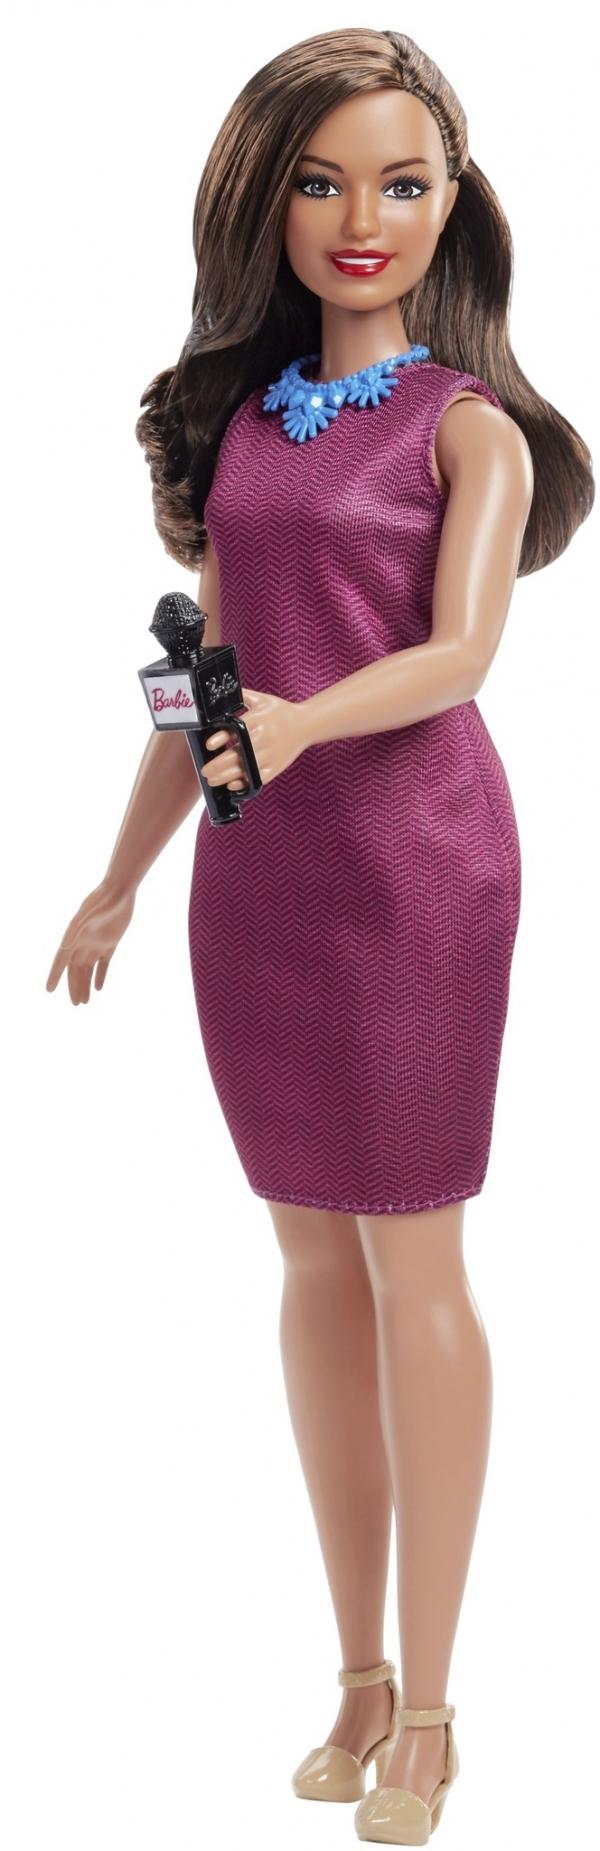 Barbie 60 urodziny: Lalka Reporterka